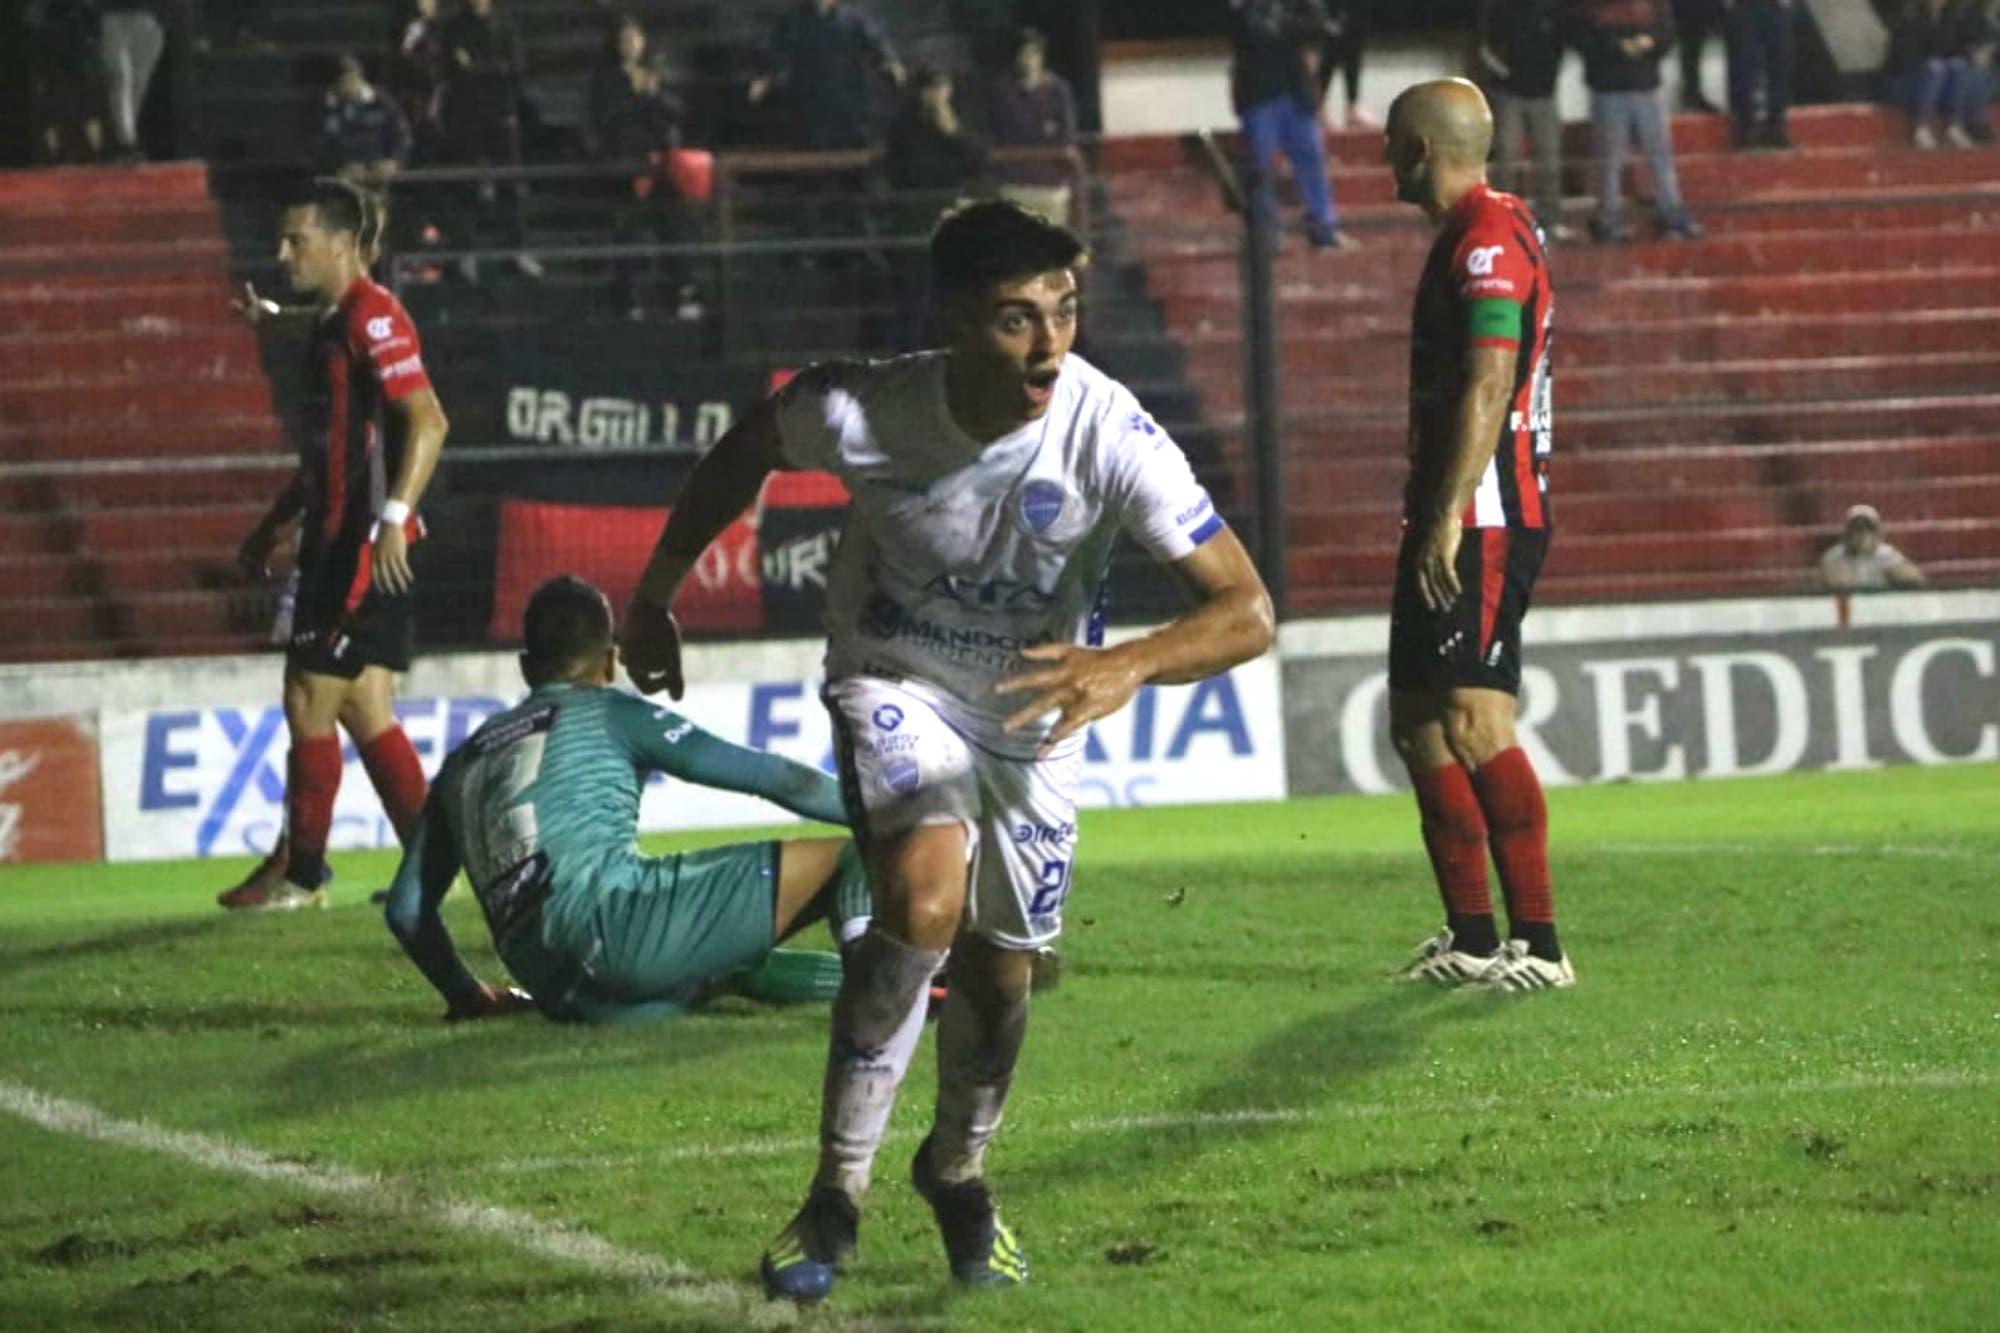 Patronato-Godoy Cruz, Superliga: el Tomba festejó en Paraná y complicó al Patrón